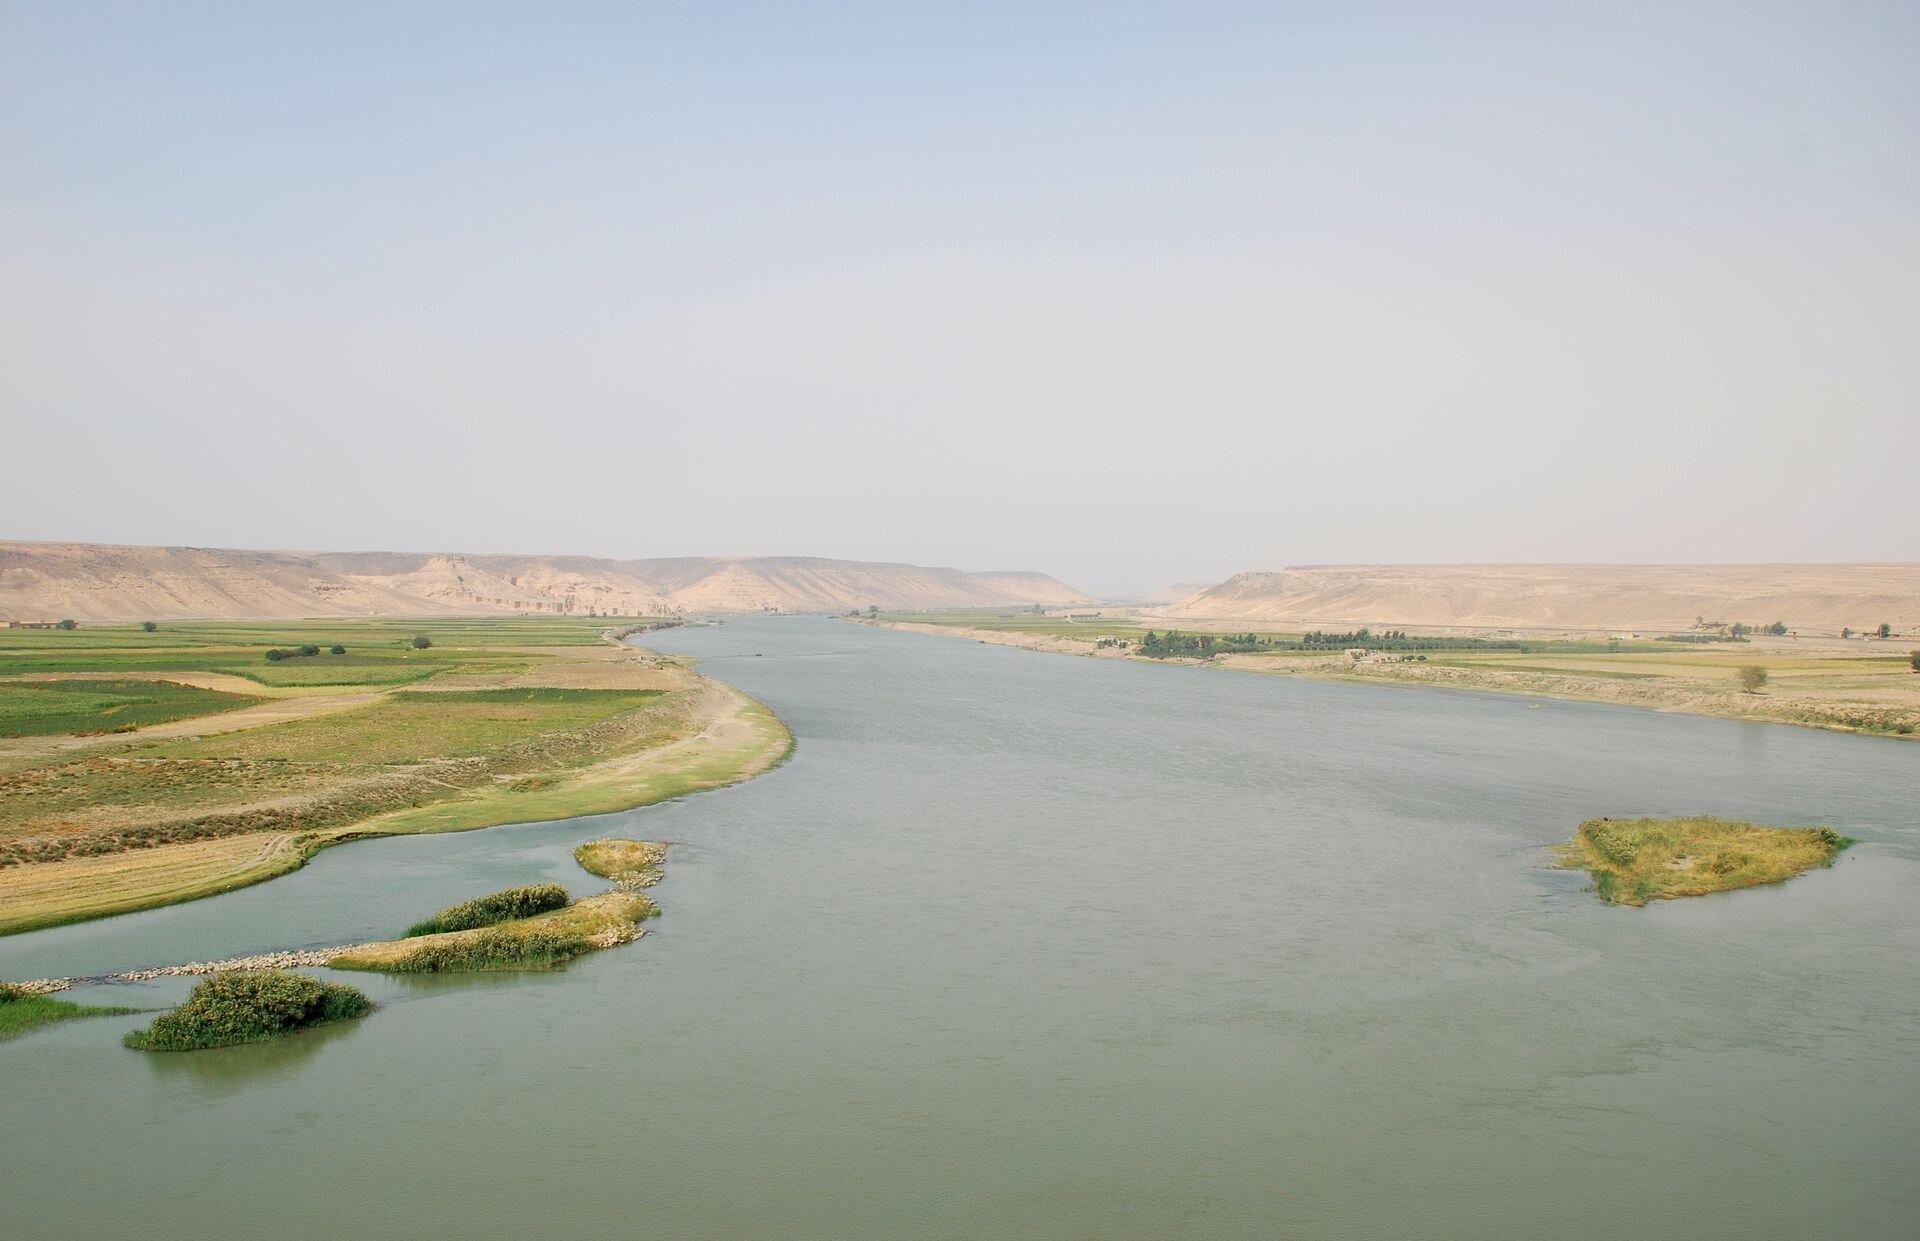 Na zdjęciu szeroka rzeka wrozległym płaskim terenie, płaskie brzegi porośnięte trawą. Wtle góry.